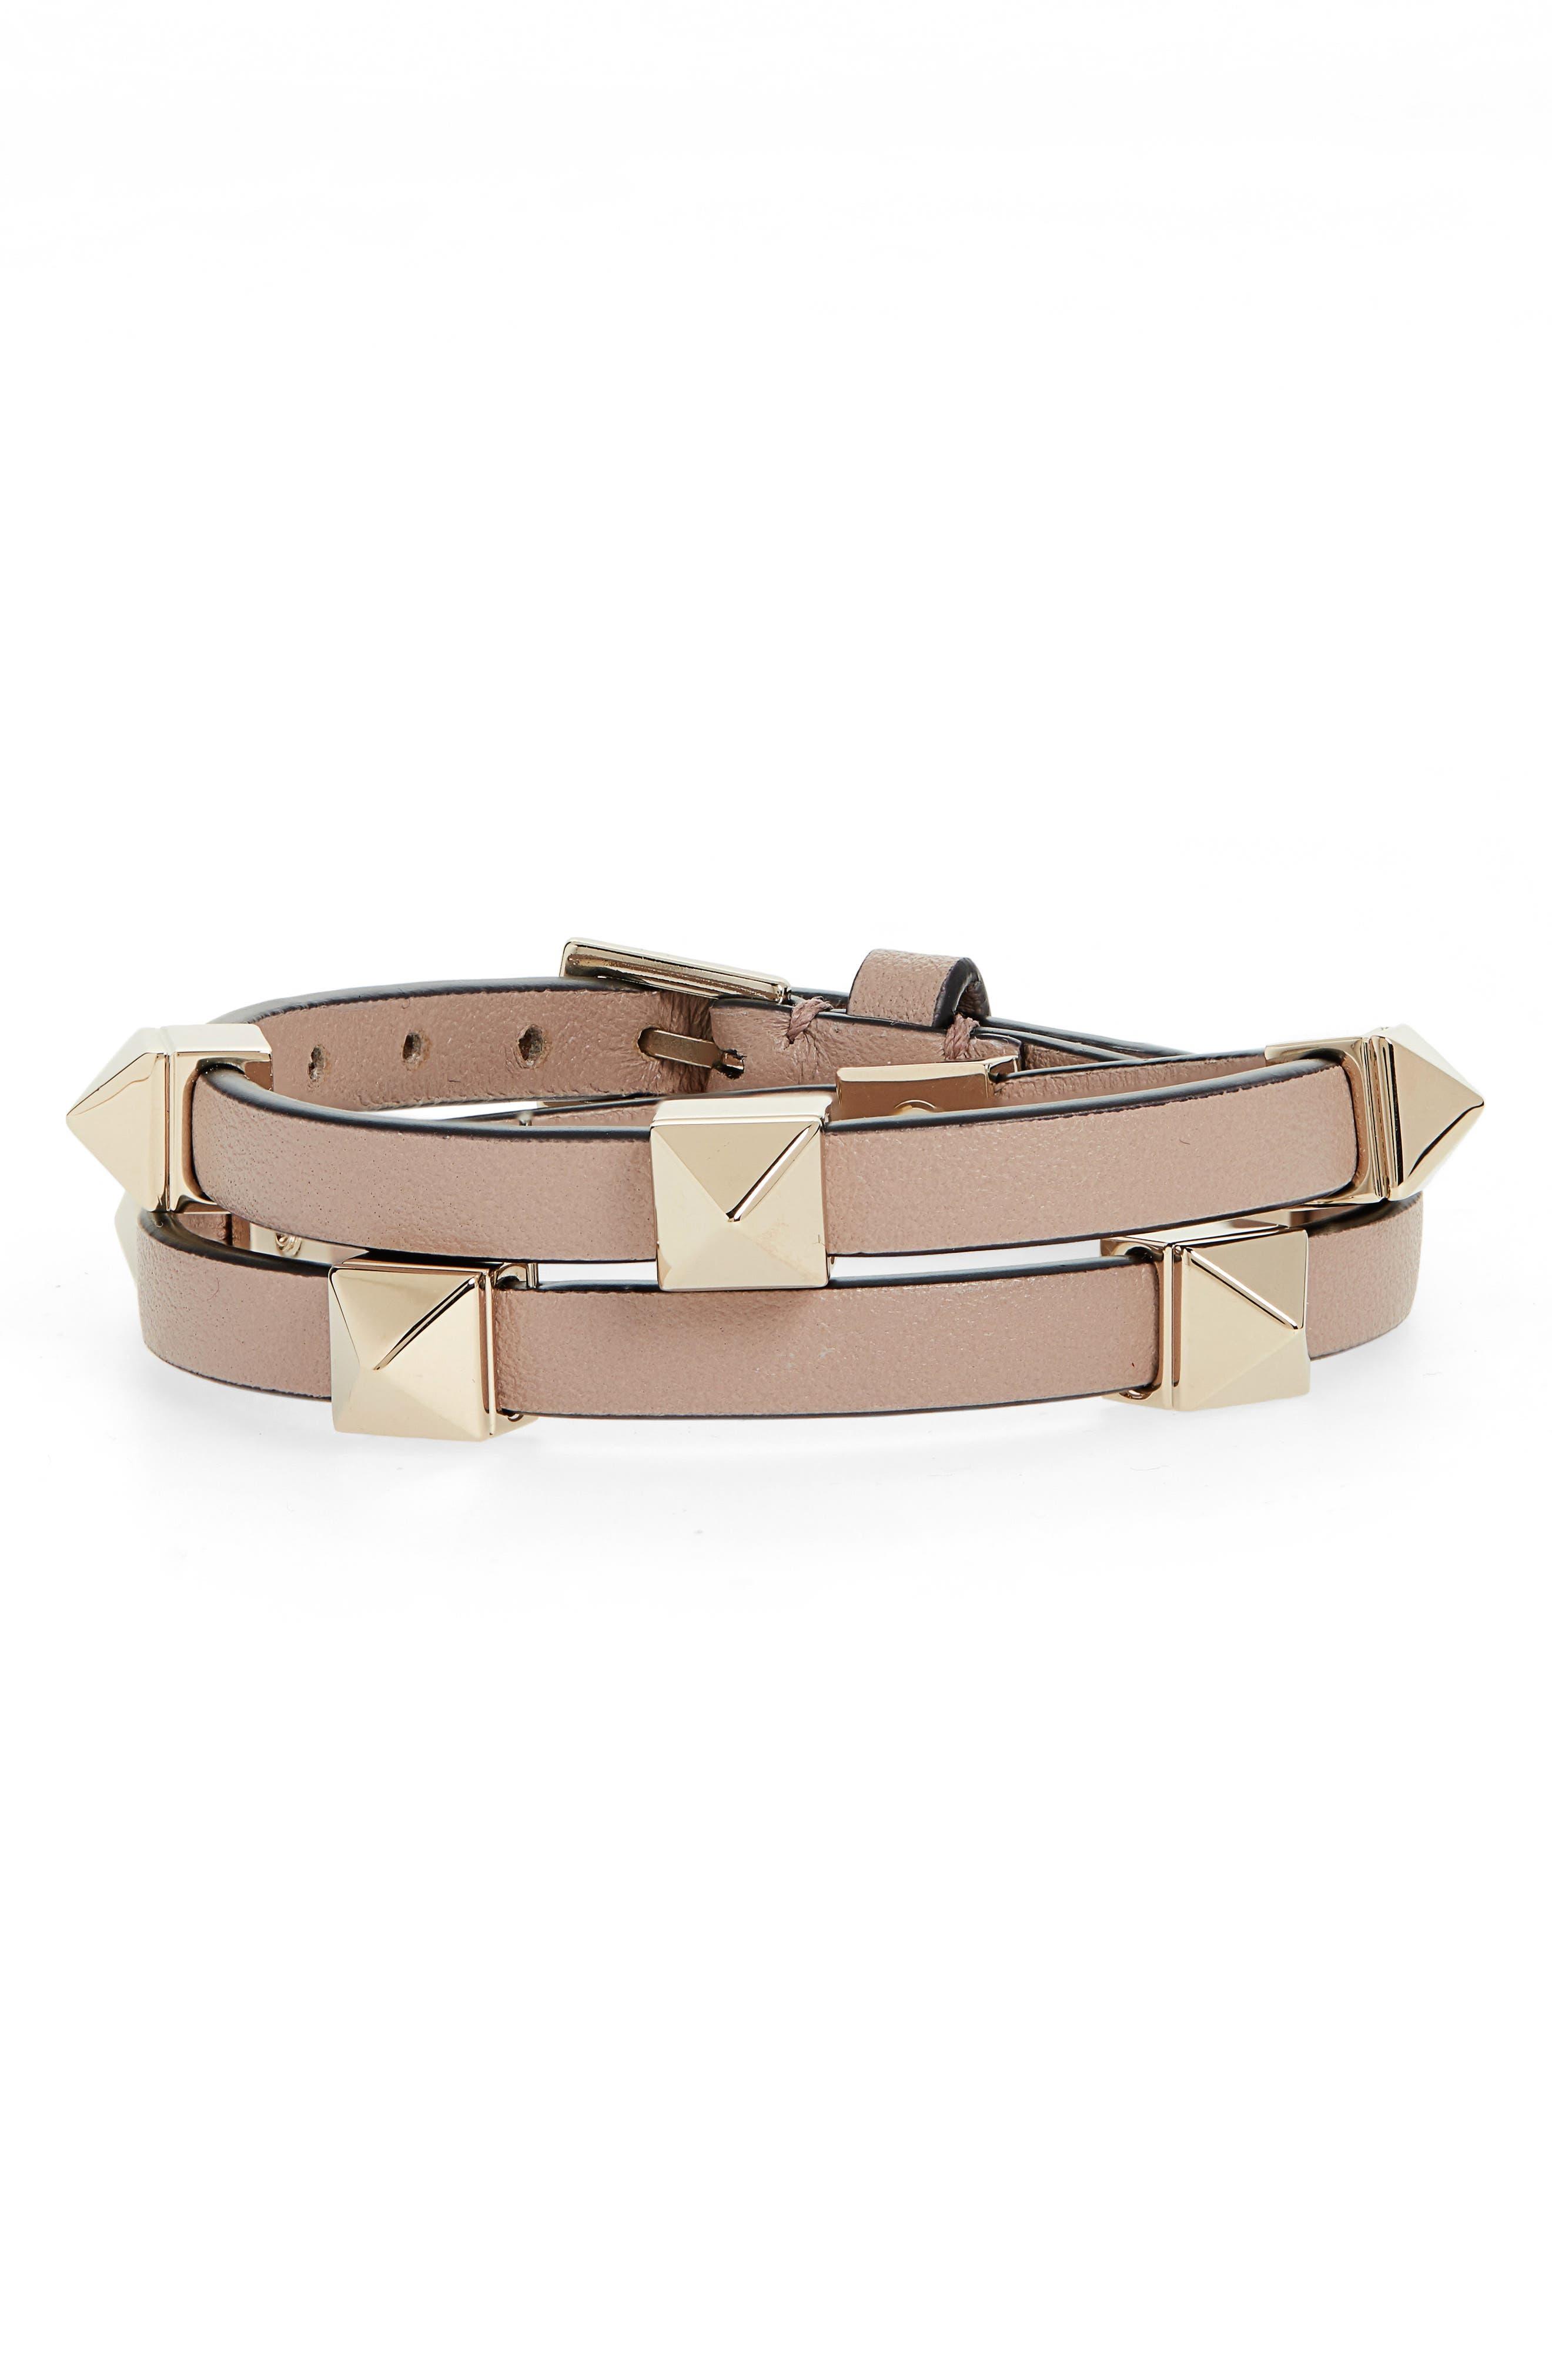 Rockstud Double Wrap Leather Bracelet, Main, color, POUDRE